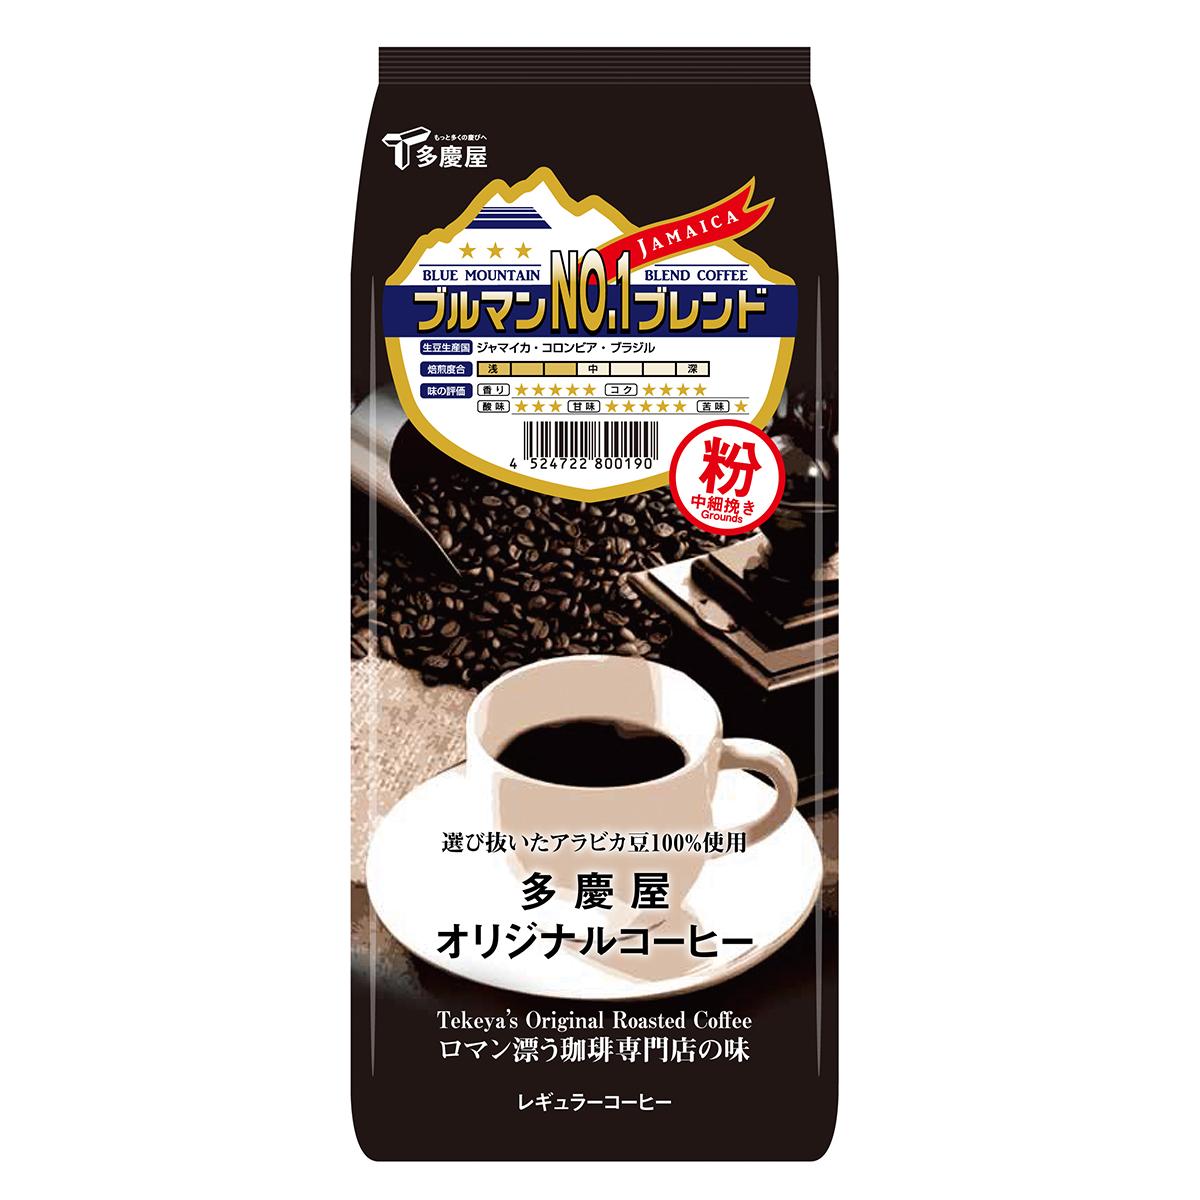 ブルーマウンテンNO1ブレンド 粉 150g 多慶屋オリジナルコーヒー コーヒー粉 レギュラーコーヒー